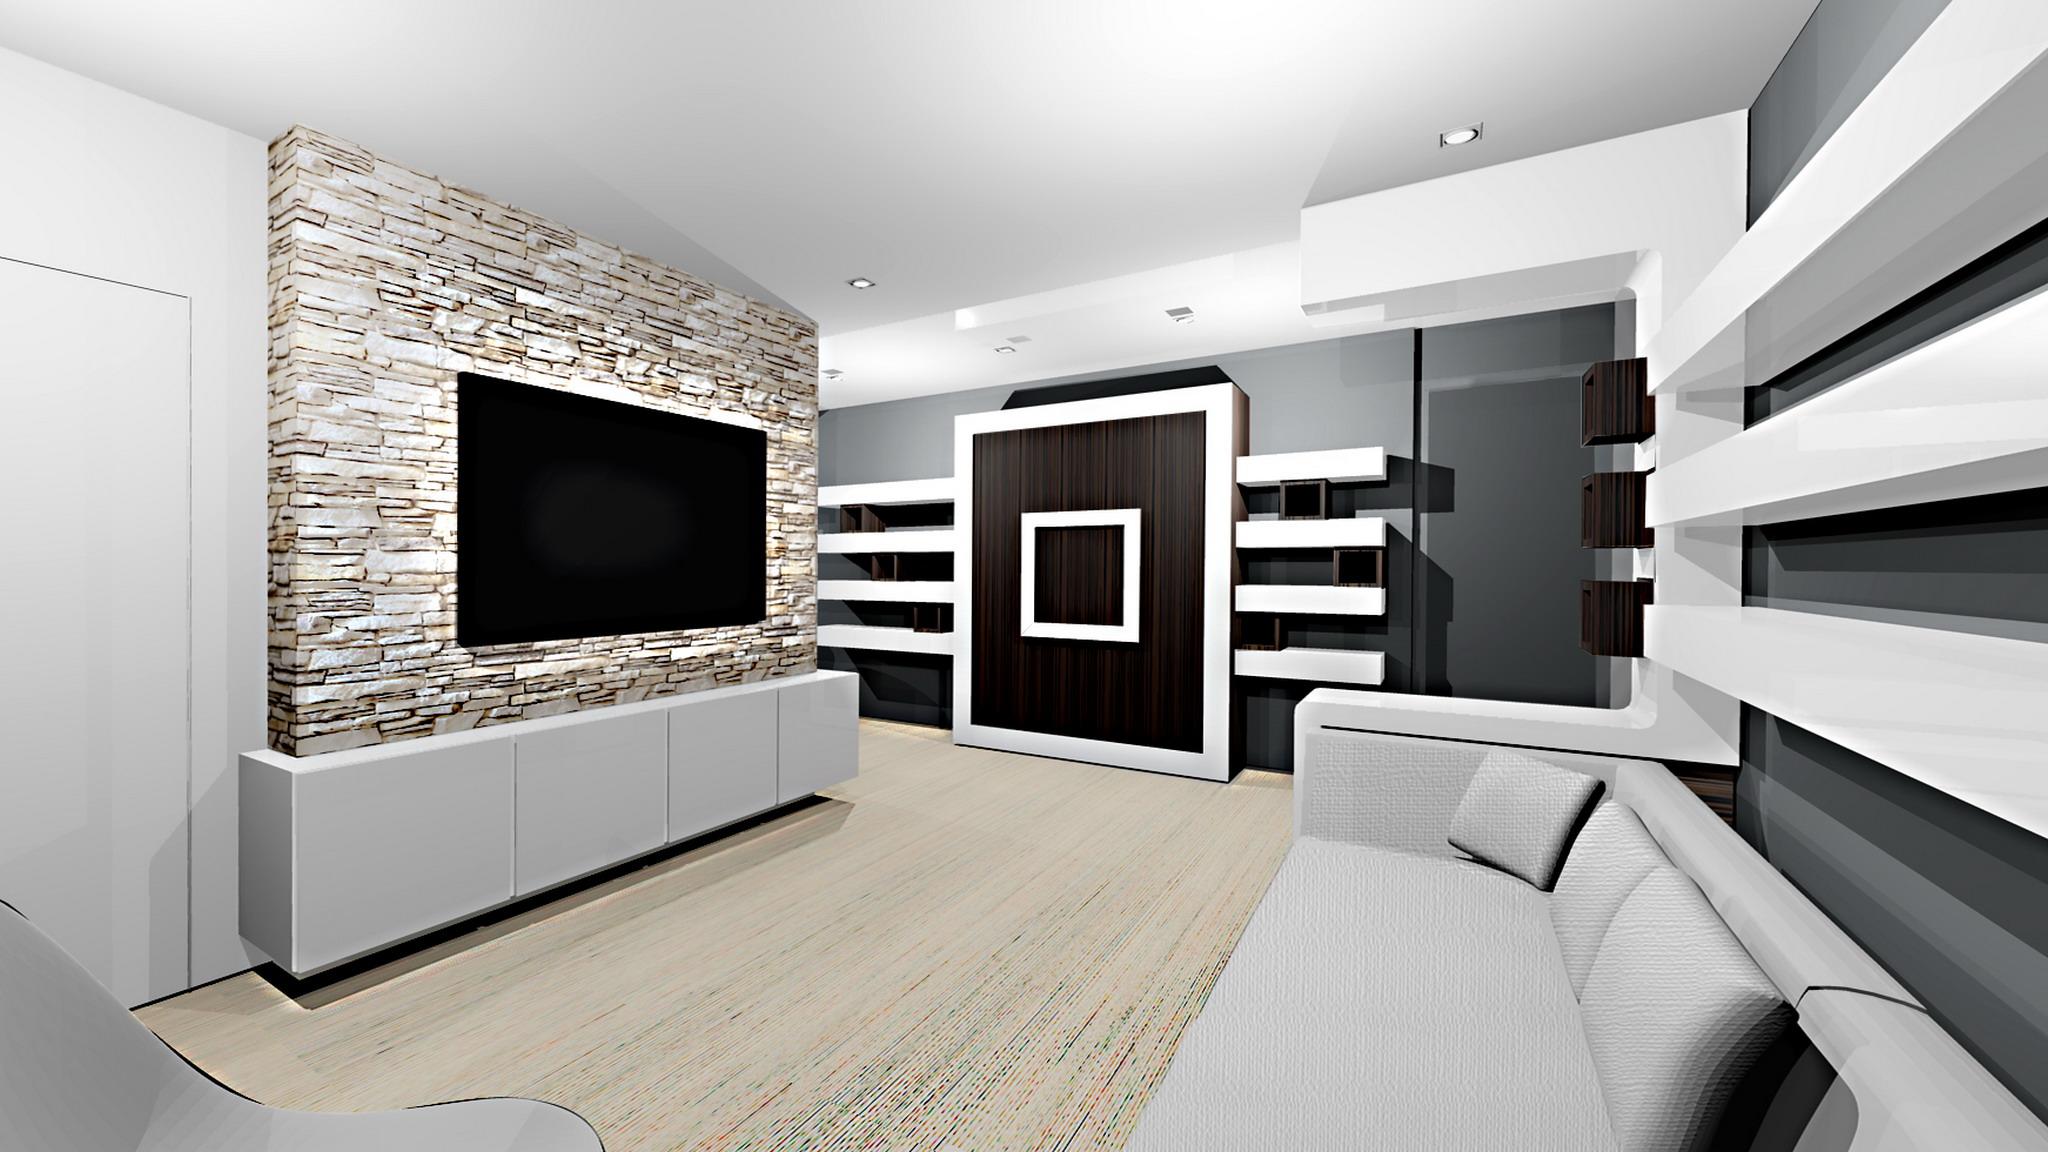 Ristruttarazione edile appartamento milano arredamento for Arredamento 2014